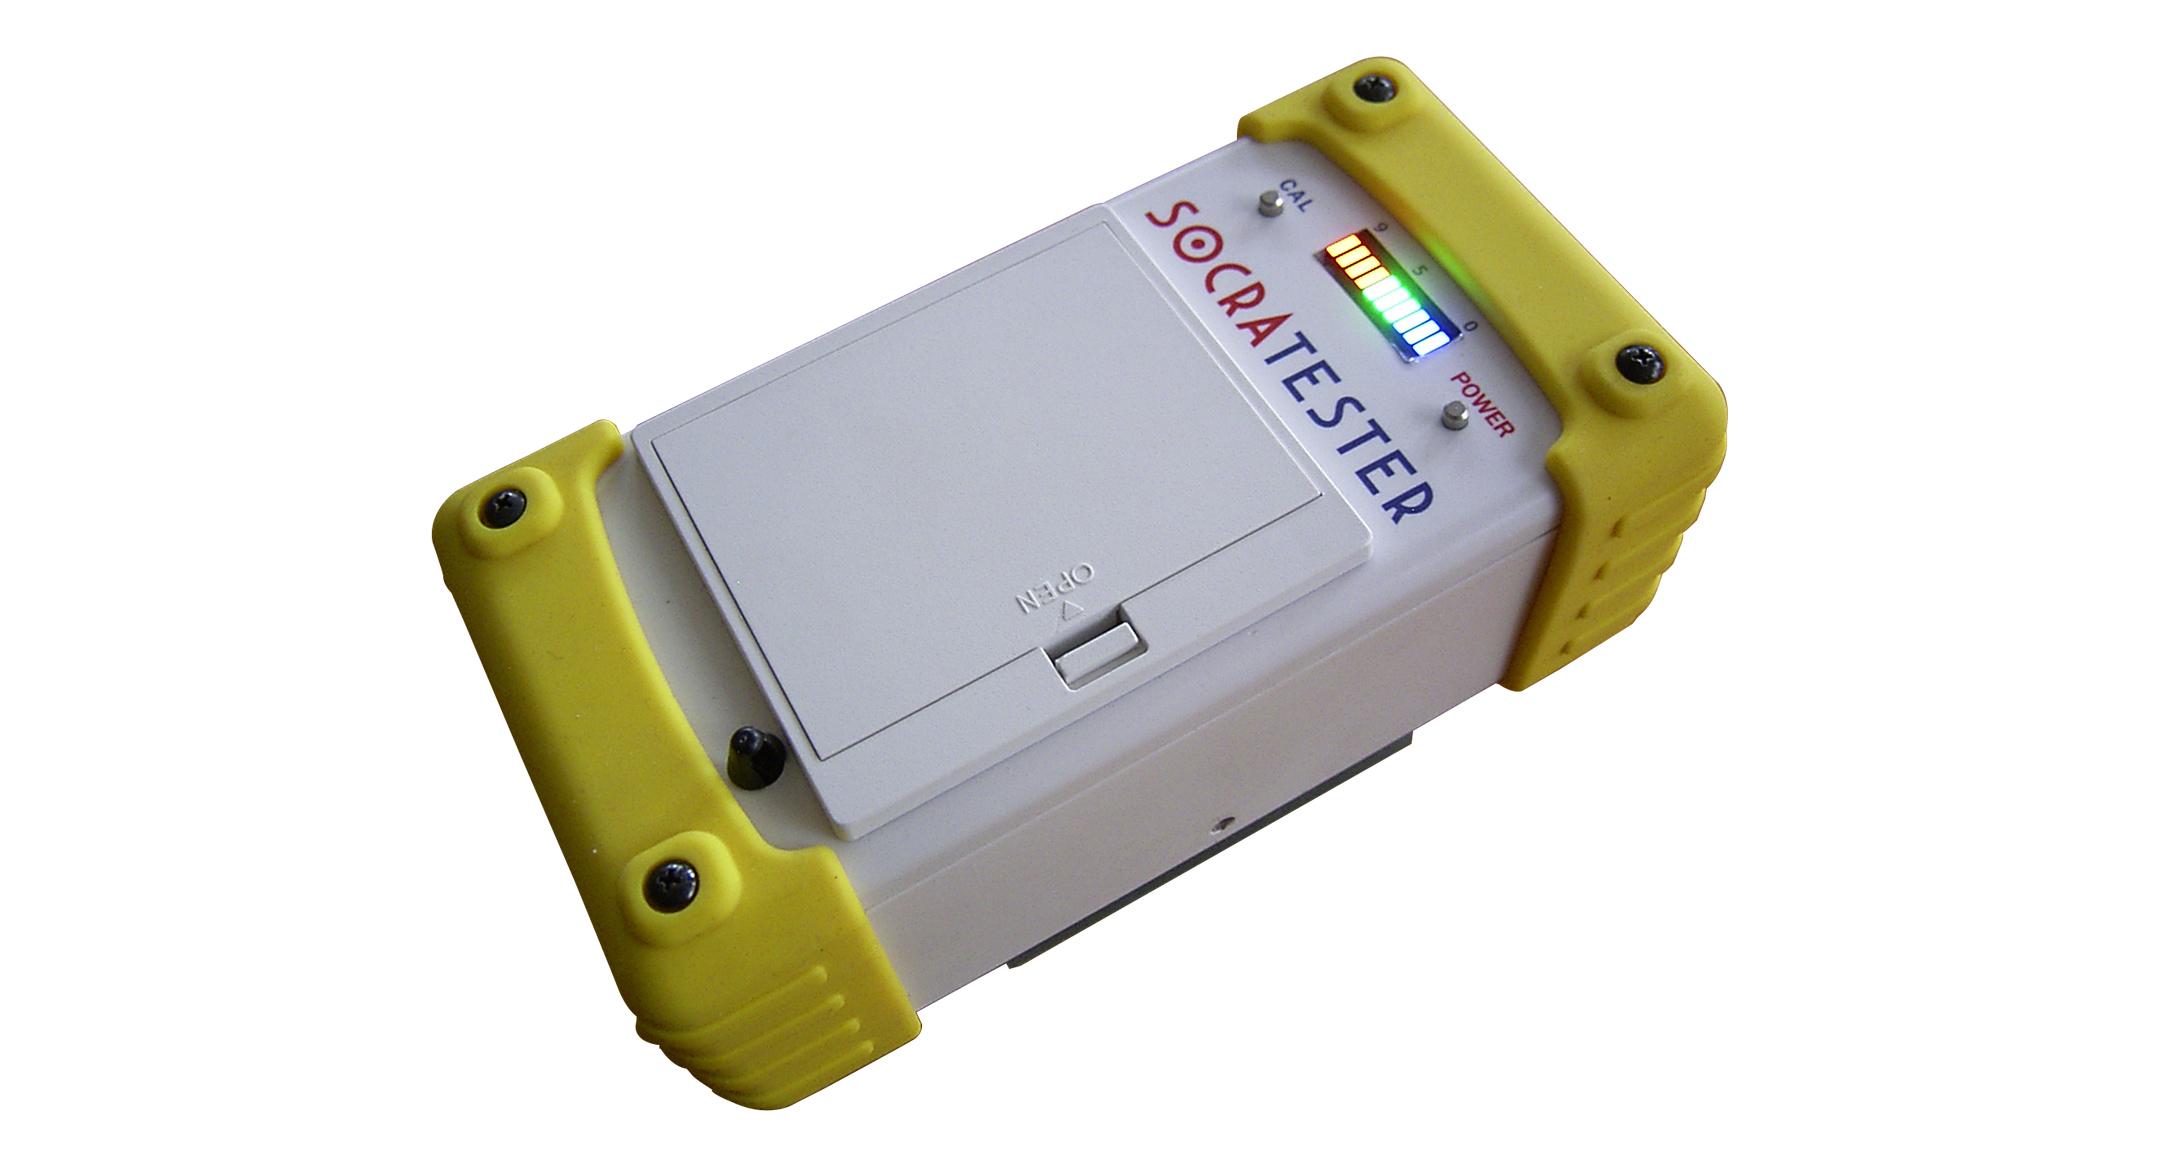 埋込型 電池ボックス LDシリーズの画像